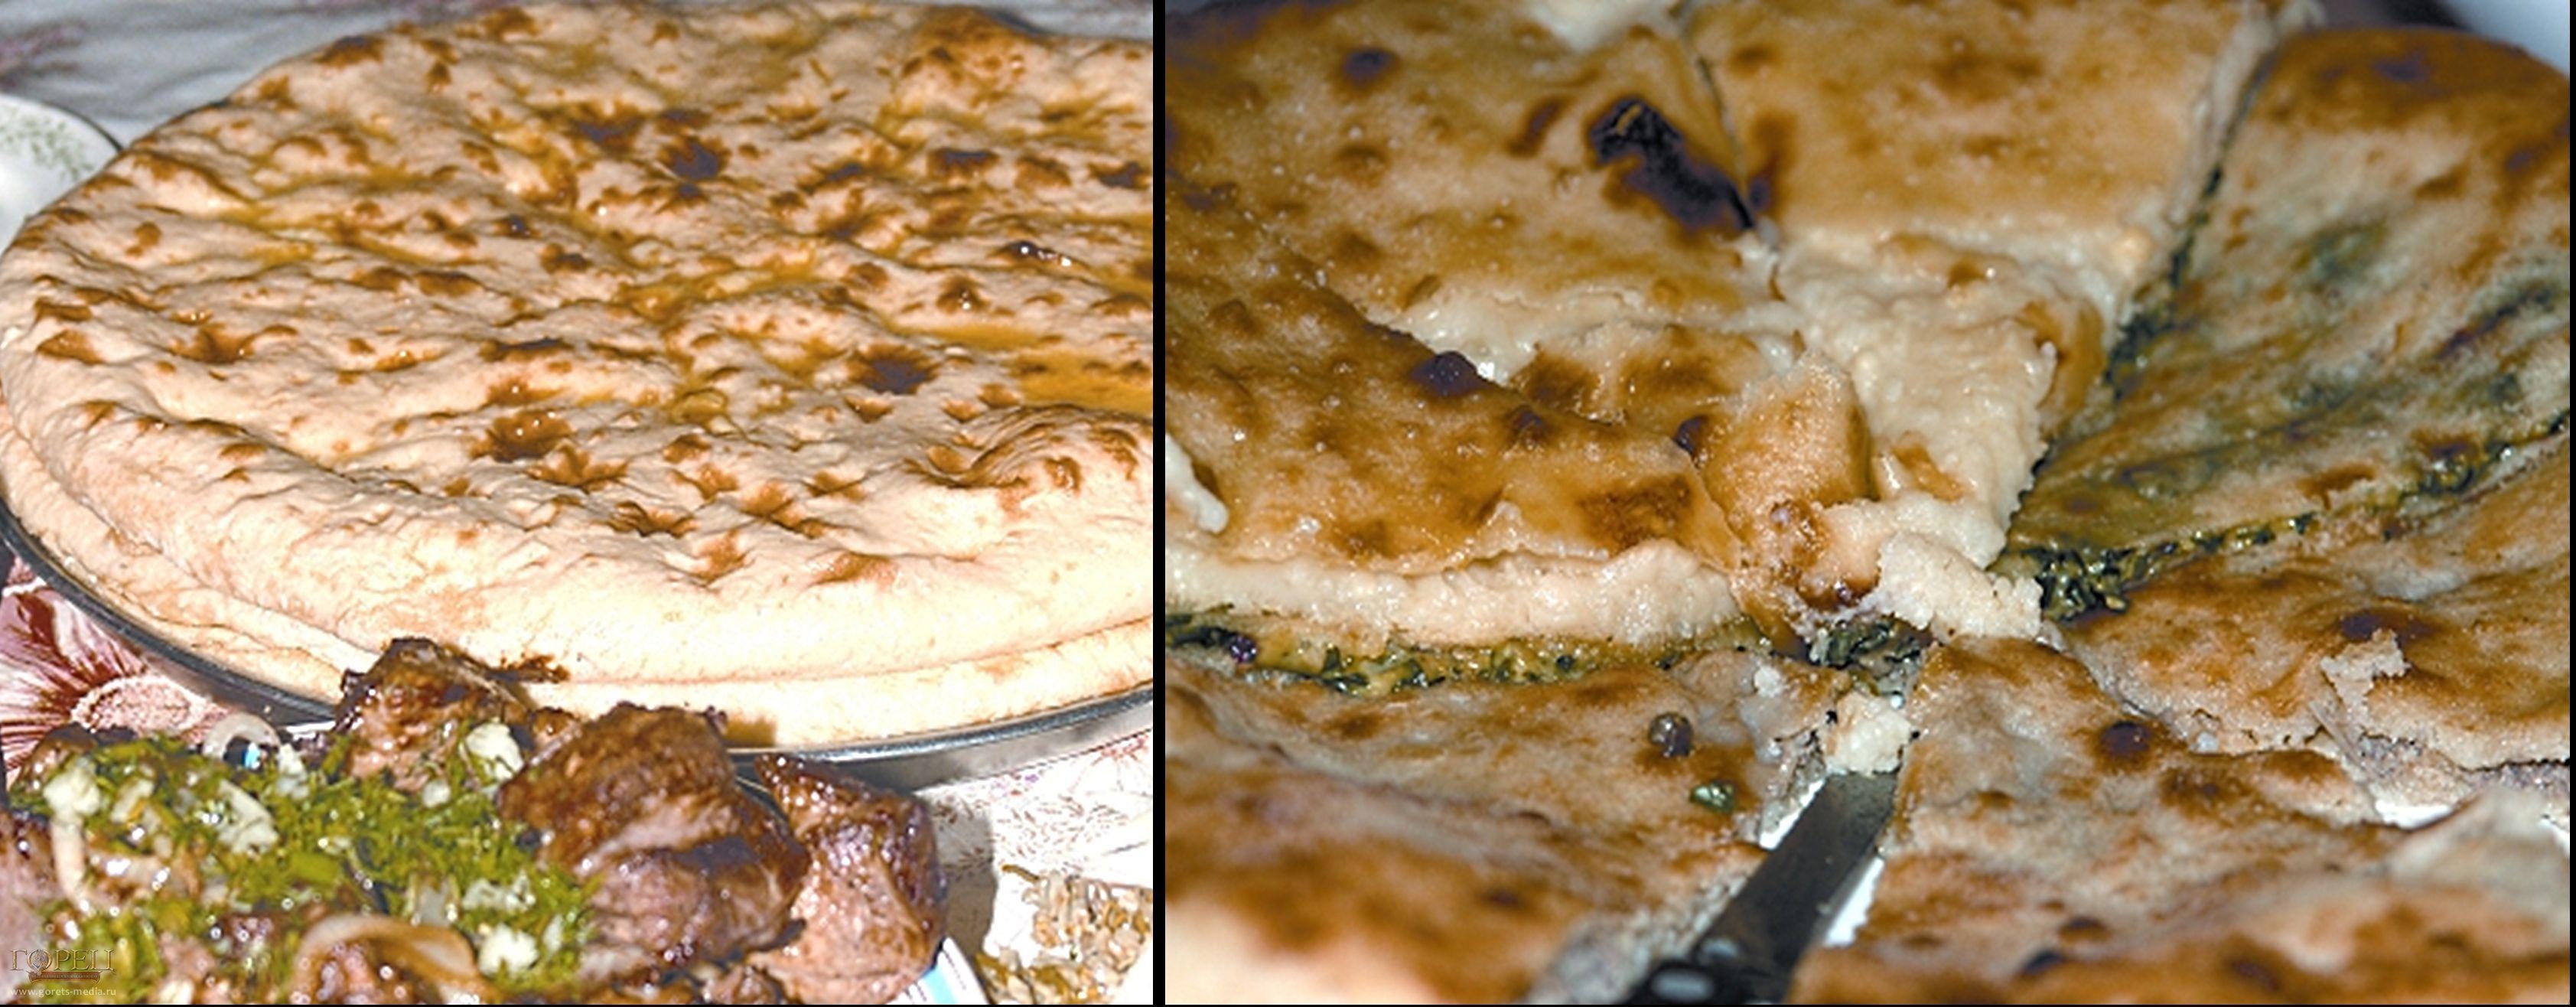 Осетинские пироги со свекольными листьями рецепты пошагово